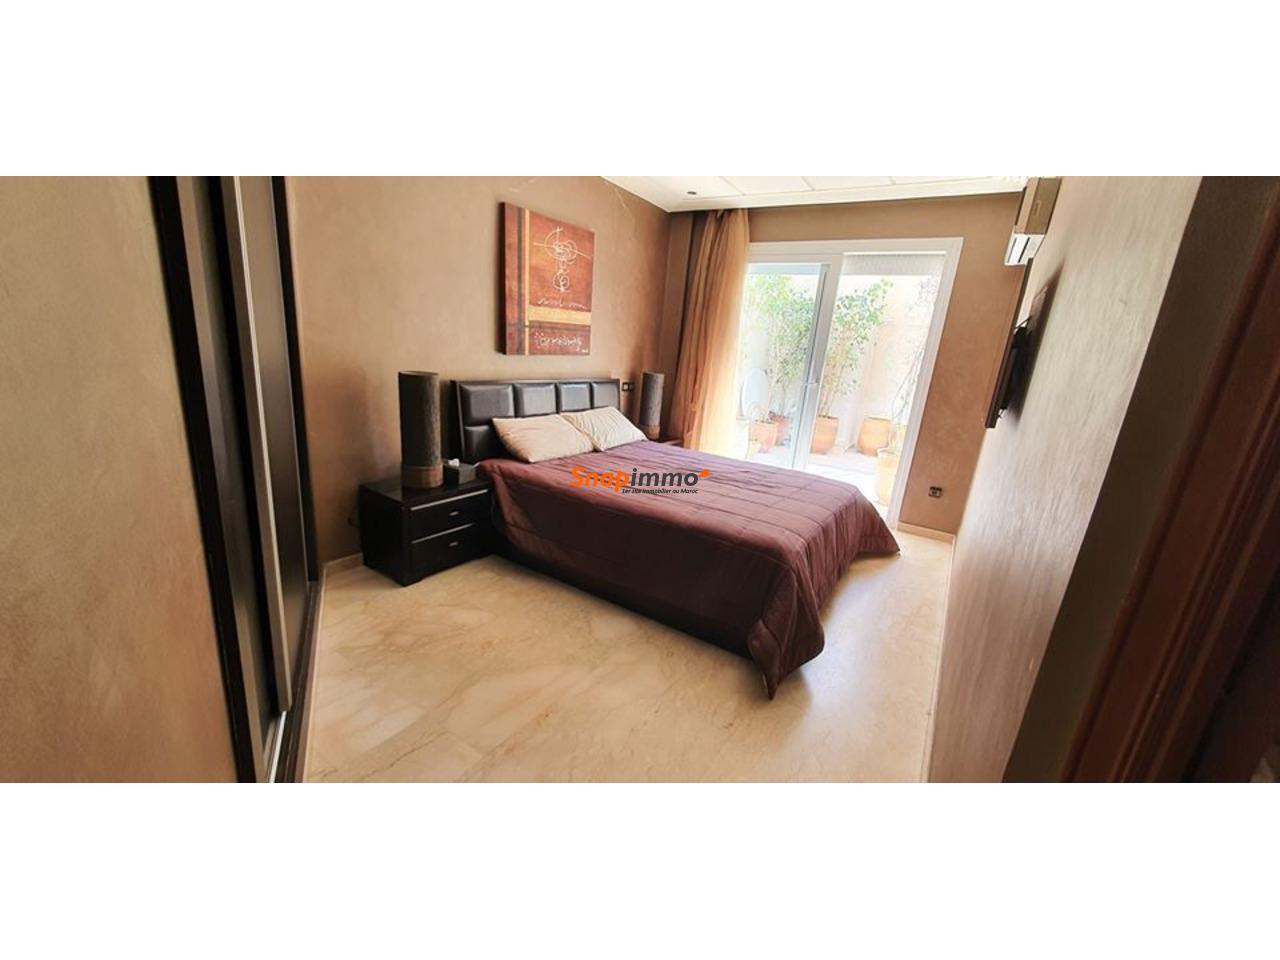 Tres bel appartement THS de 96 m2 A VENDRE a Bourgogne - 5/6